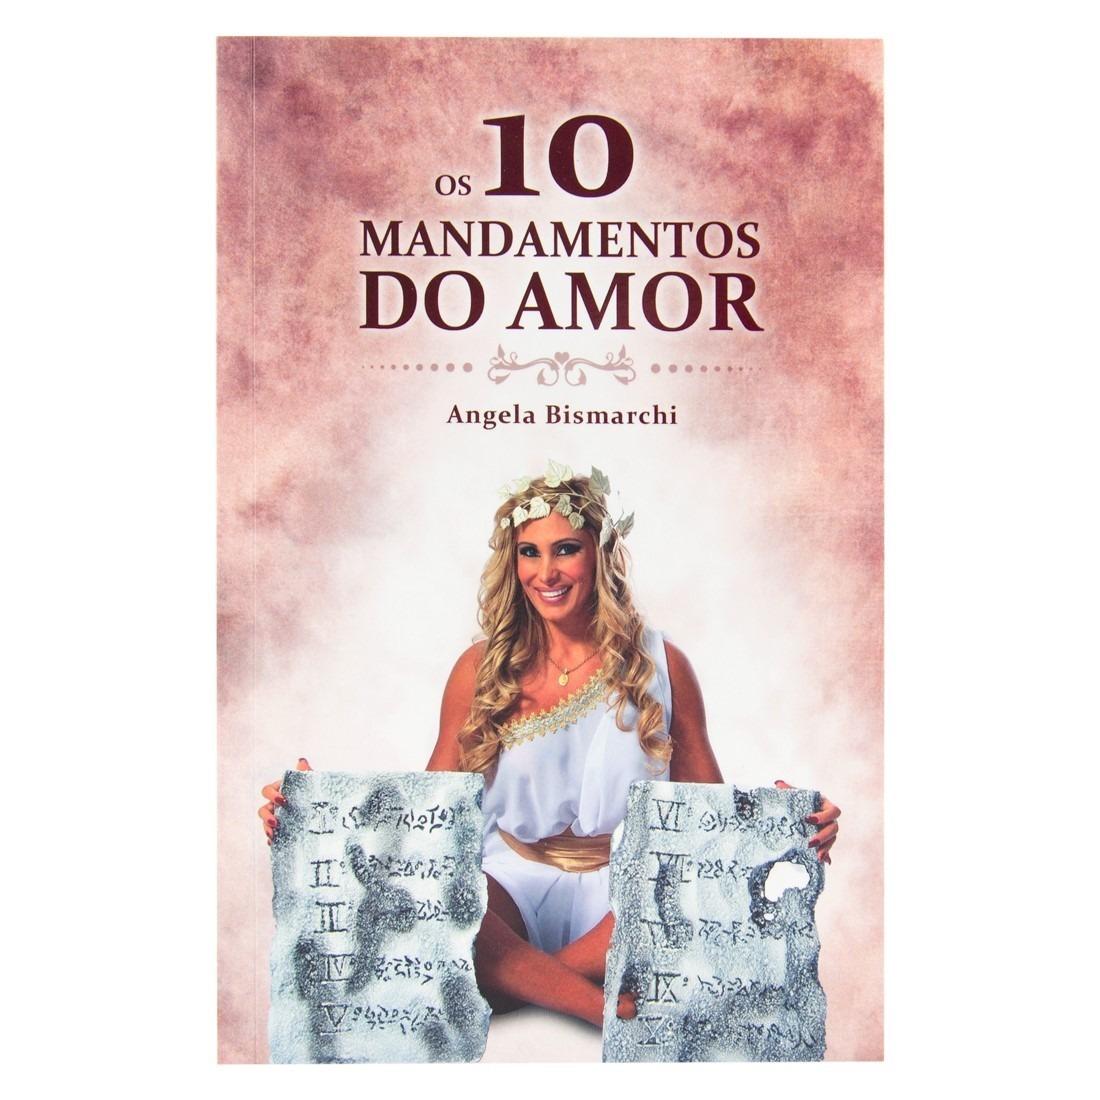 Angela Bismarchi livro os 10 mandamentos do amor angela bismarchi